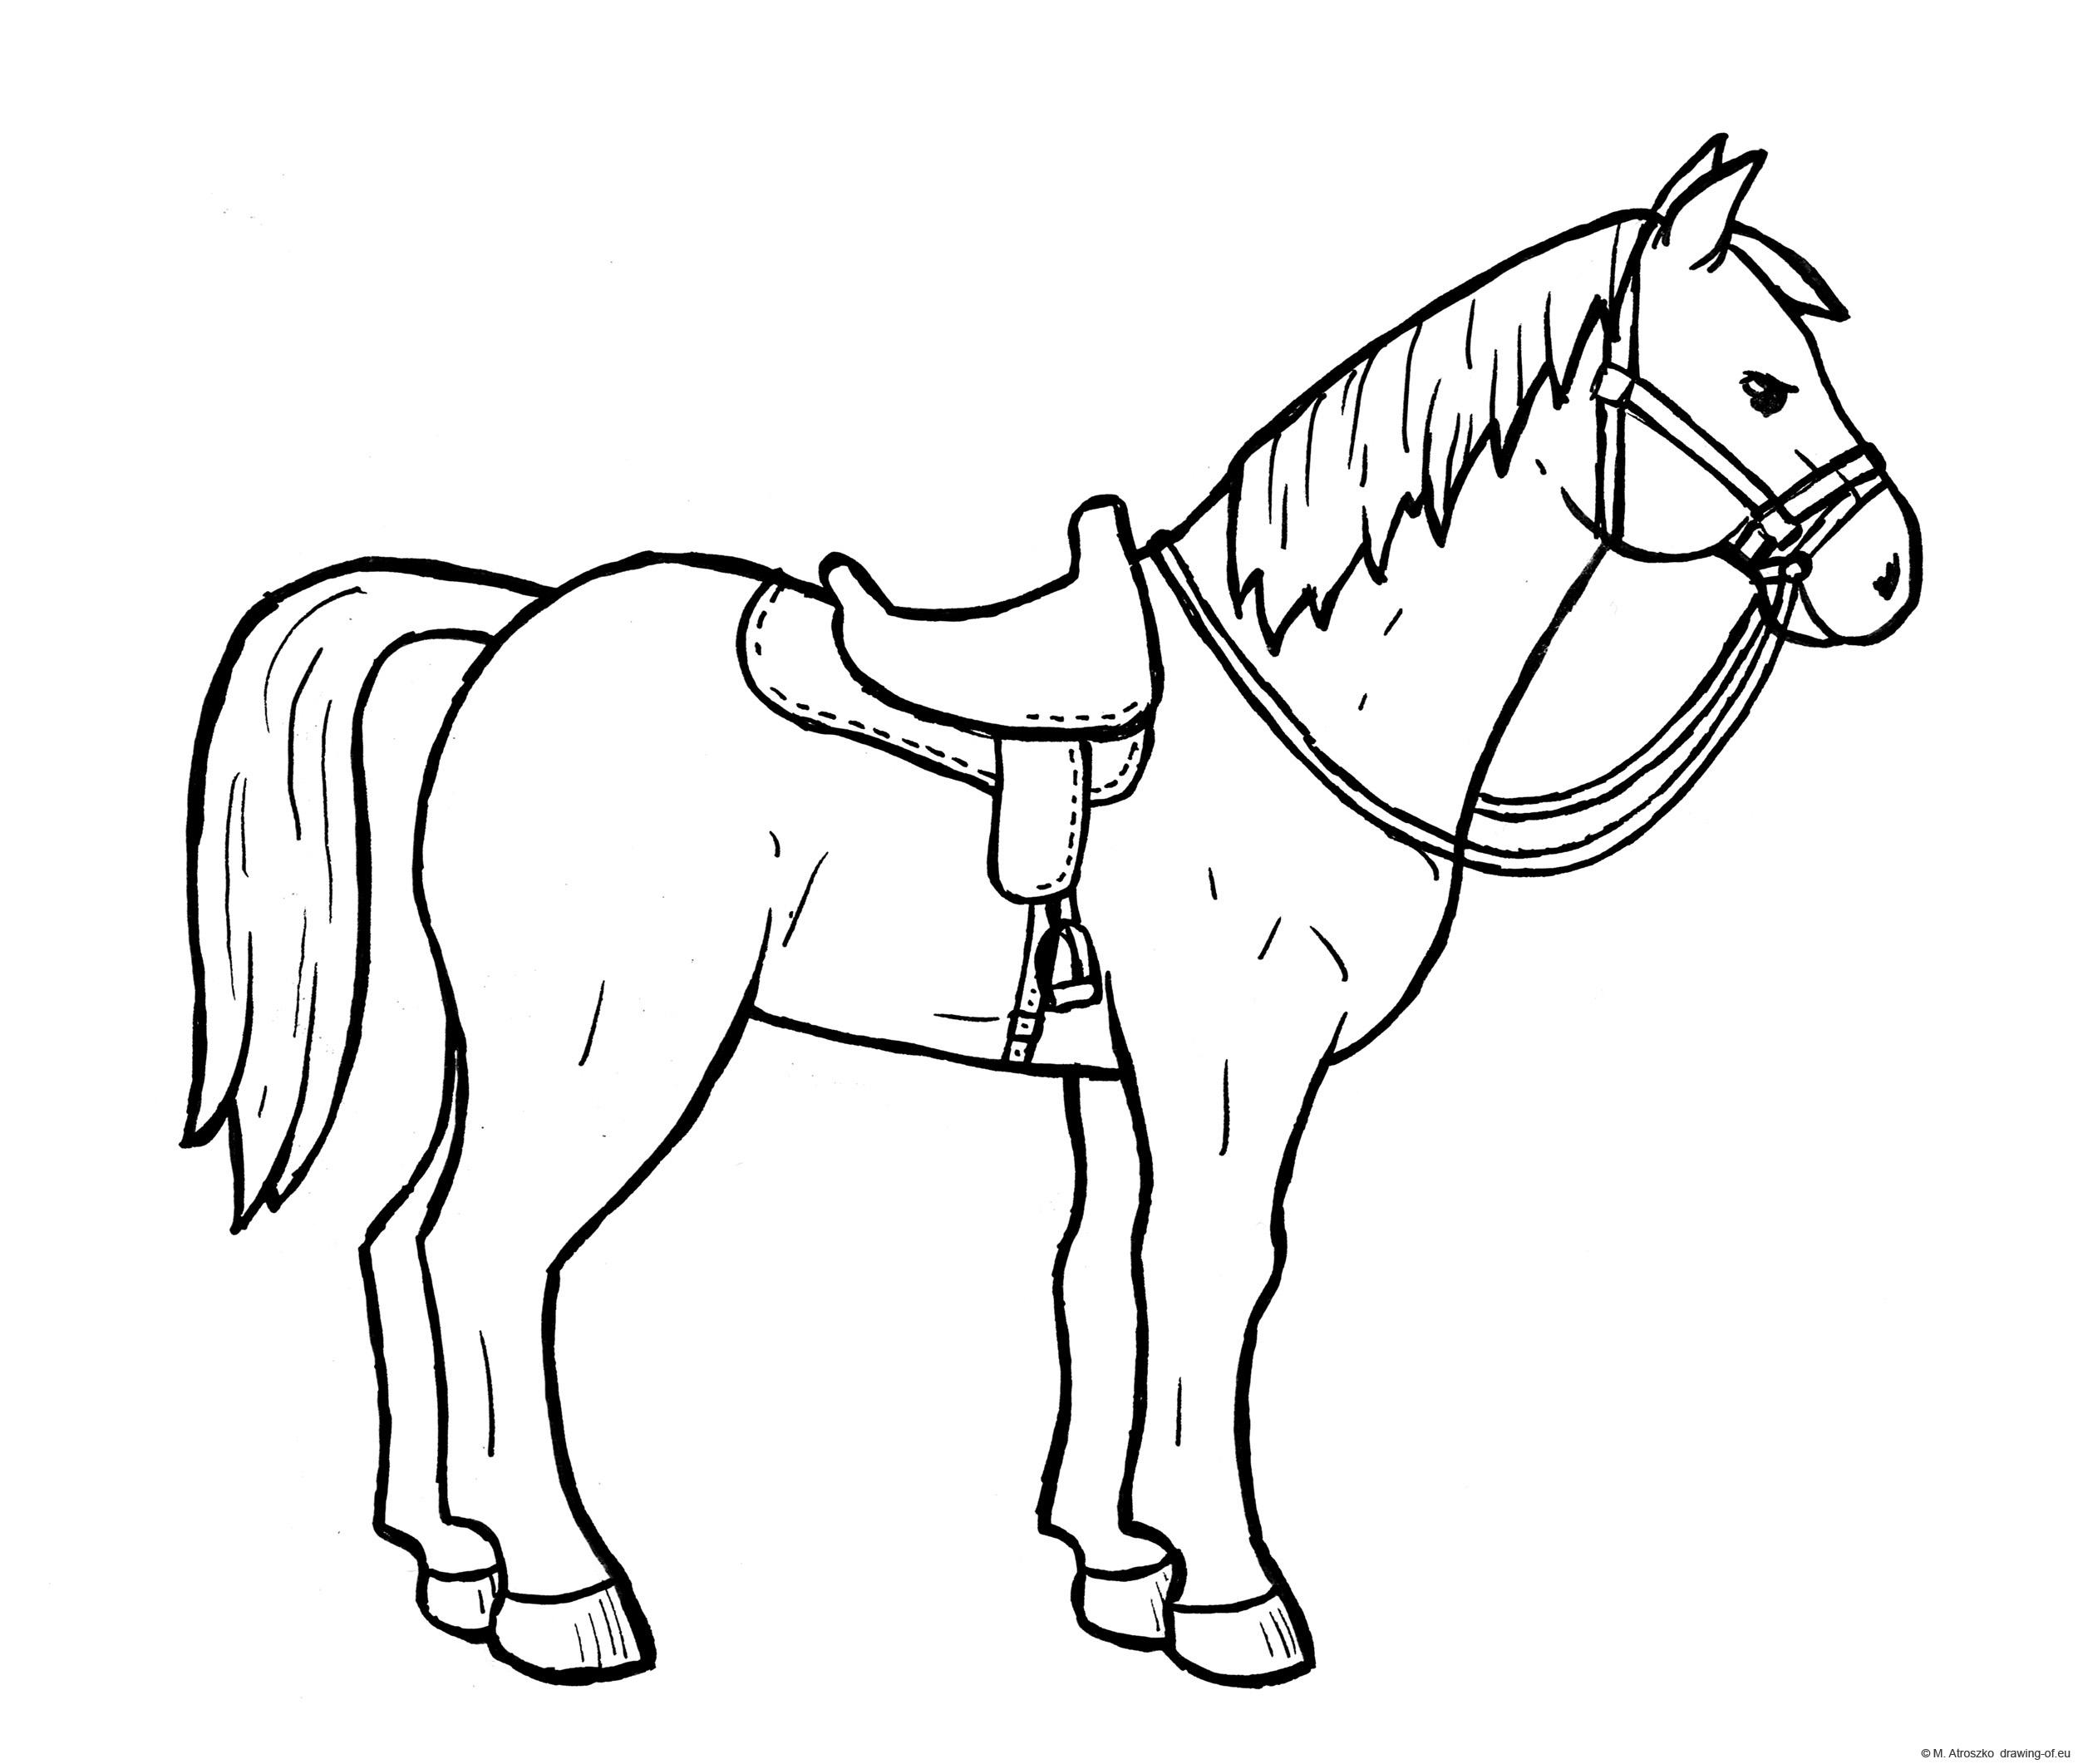 Seddled up horse draw